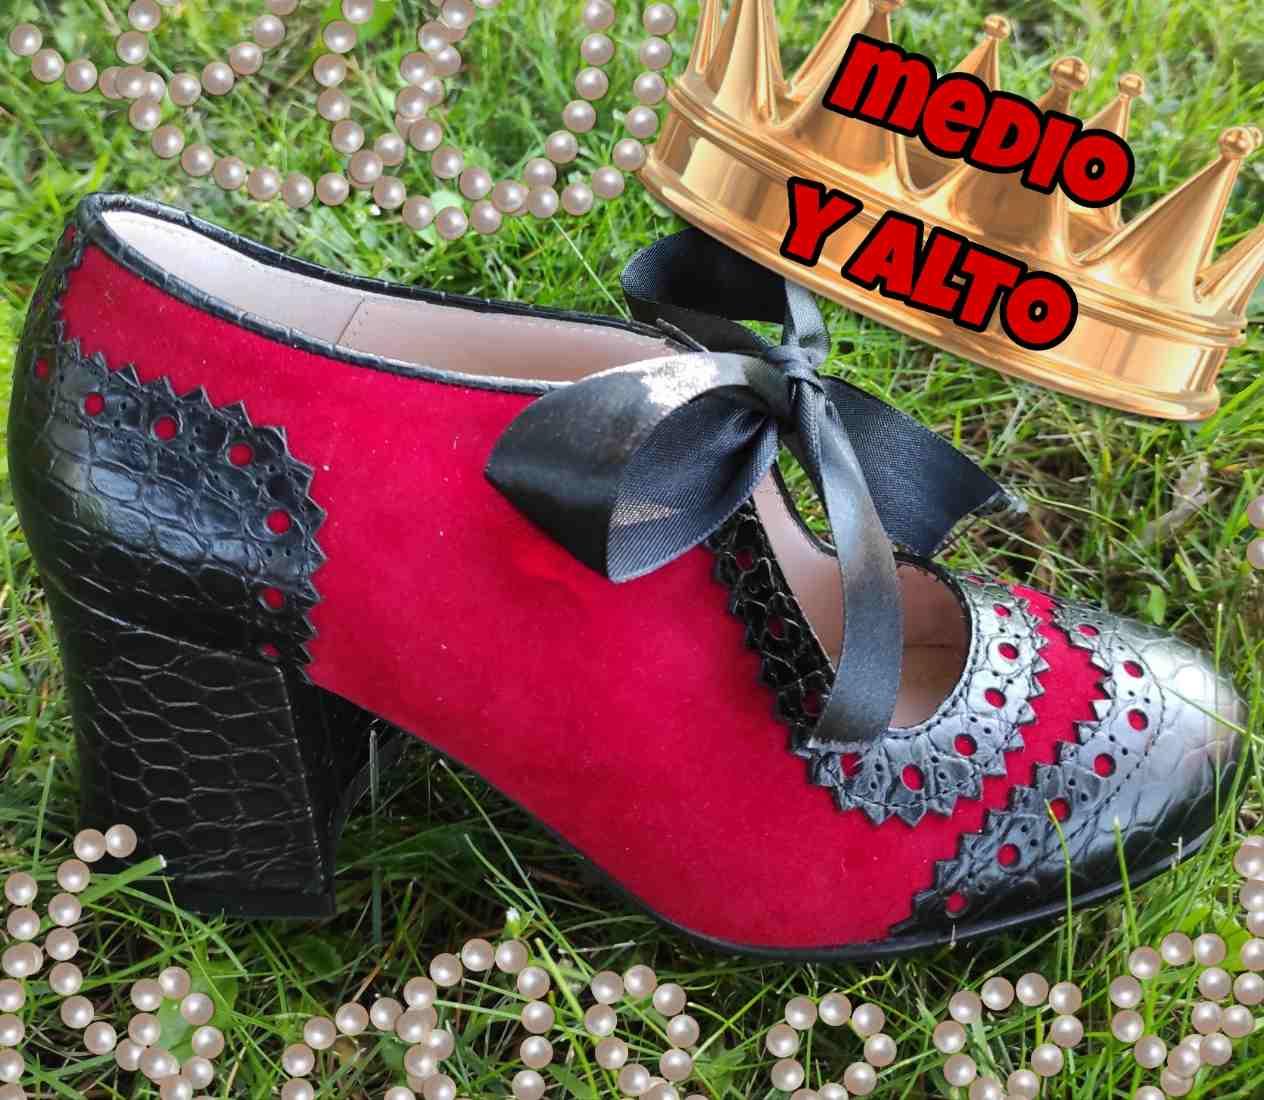 Zapatos de fiesta y trabajar cómodos 2022